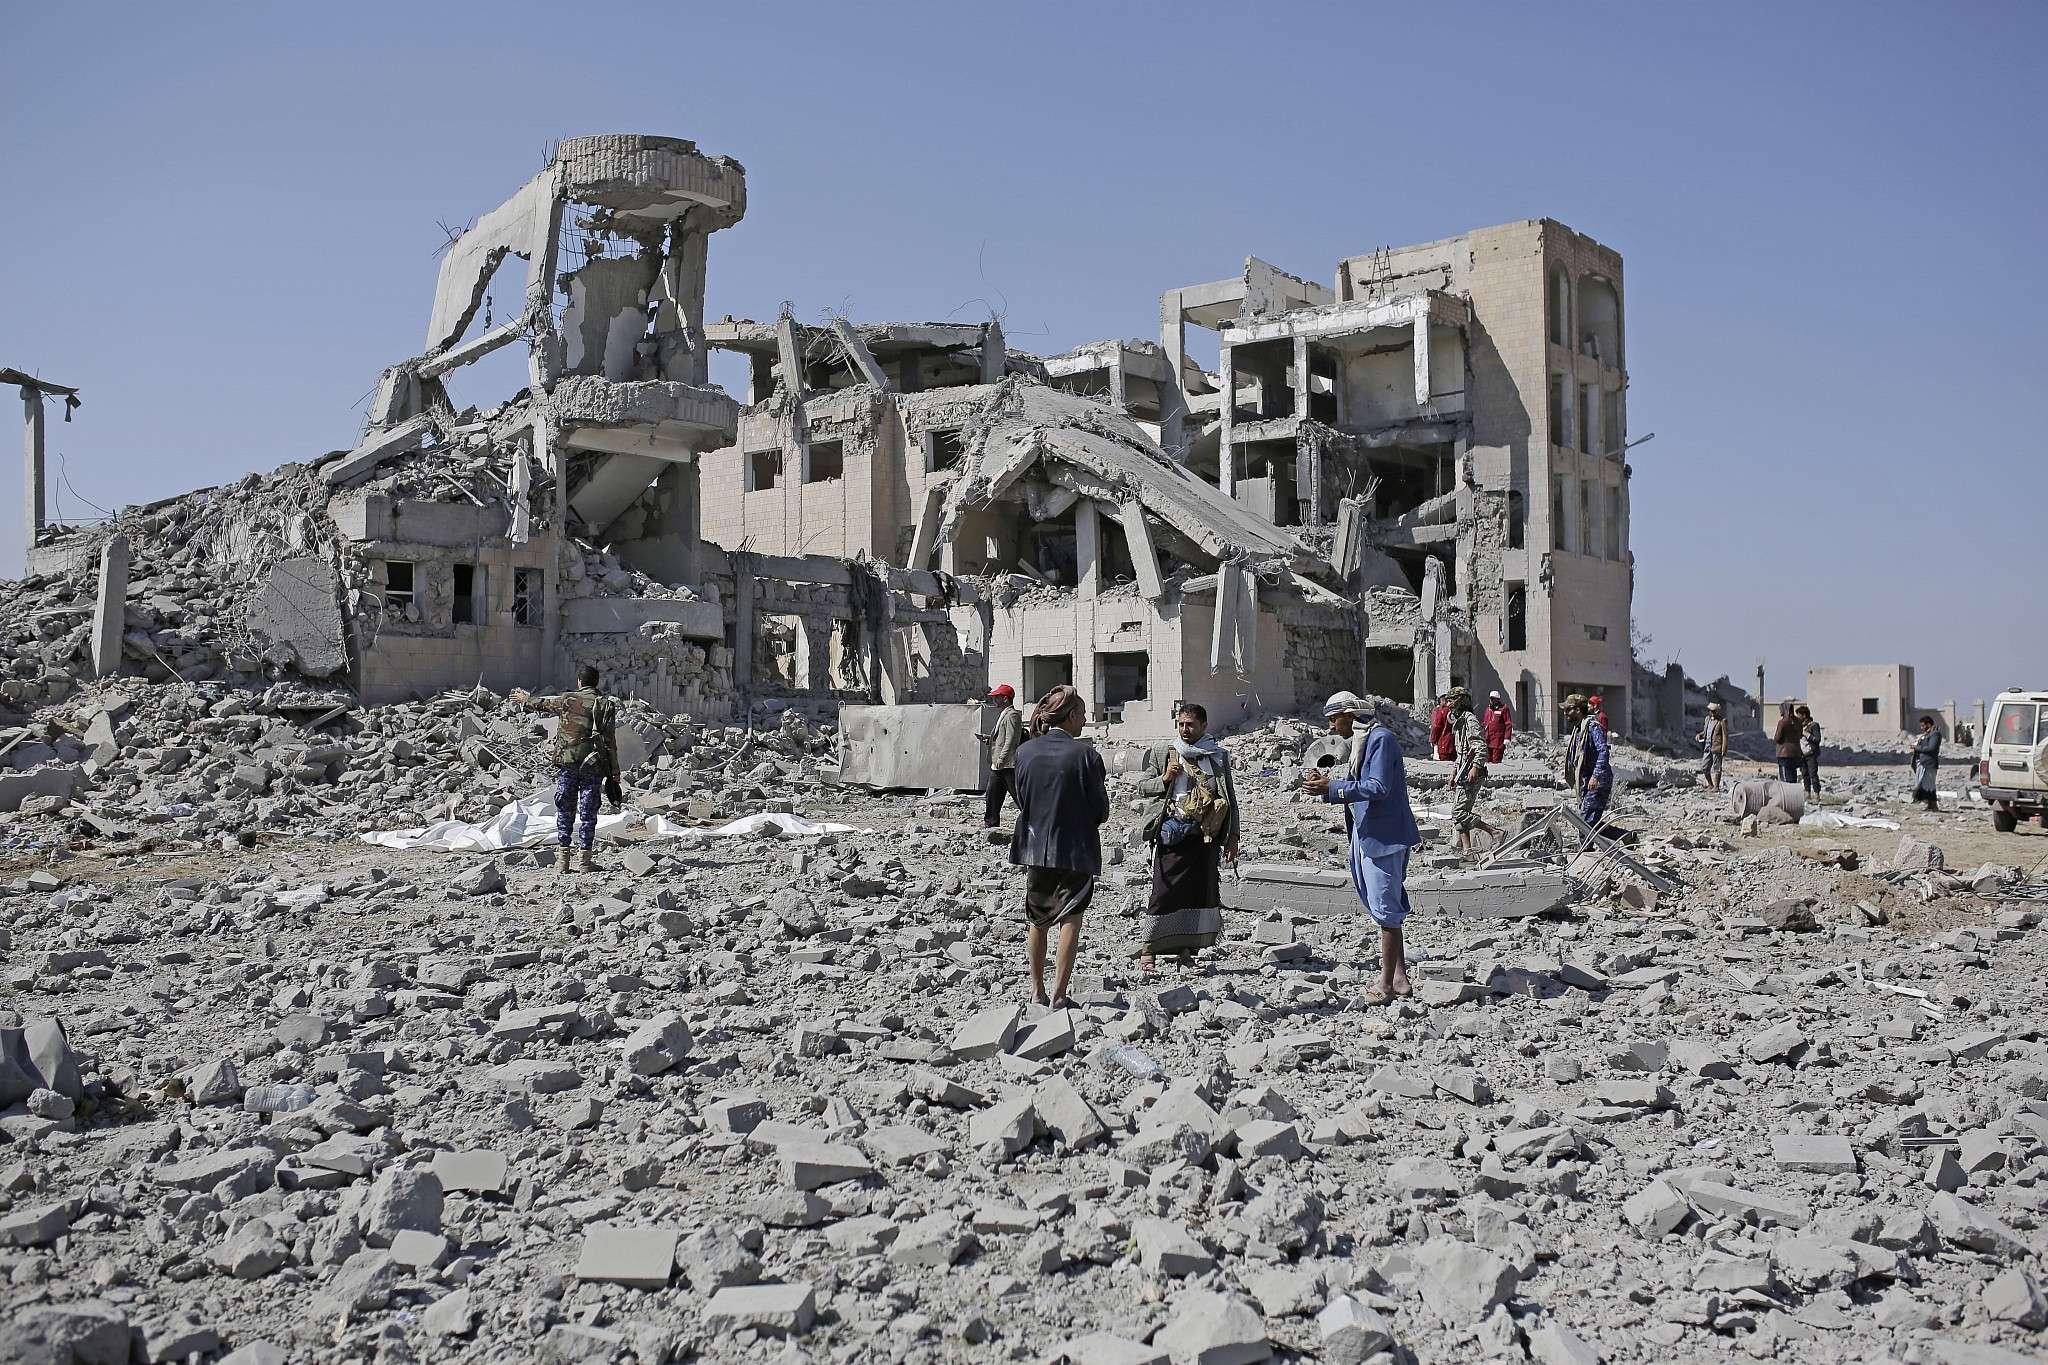 الأورومتوسطي يحذّر من عمليات نقل مريبة لسجناء يمنيين إلى مواقع تعرّضت لغارات سابقة